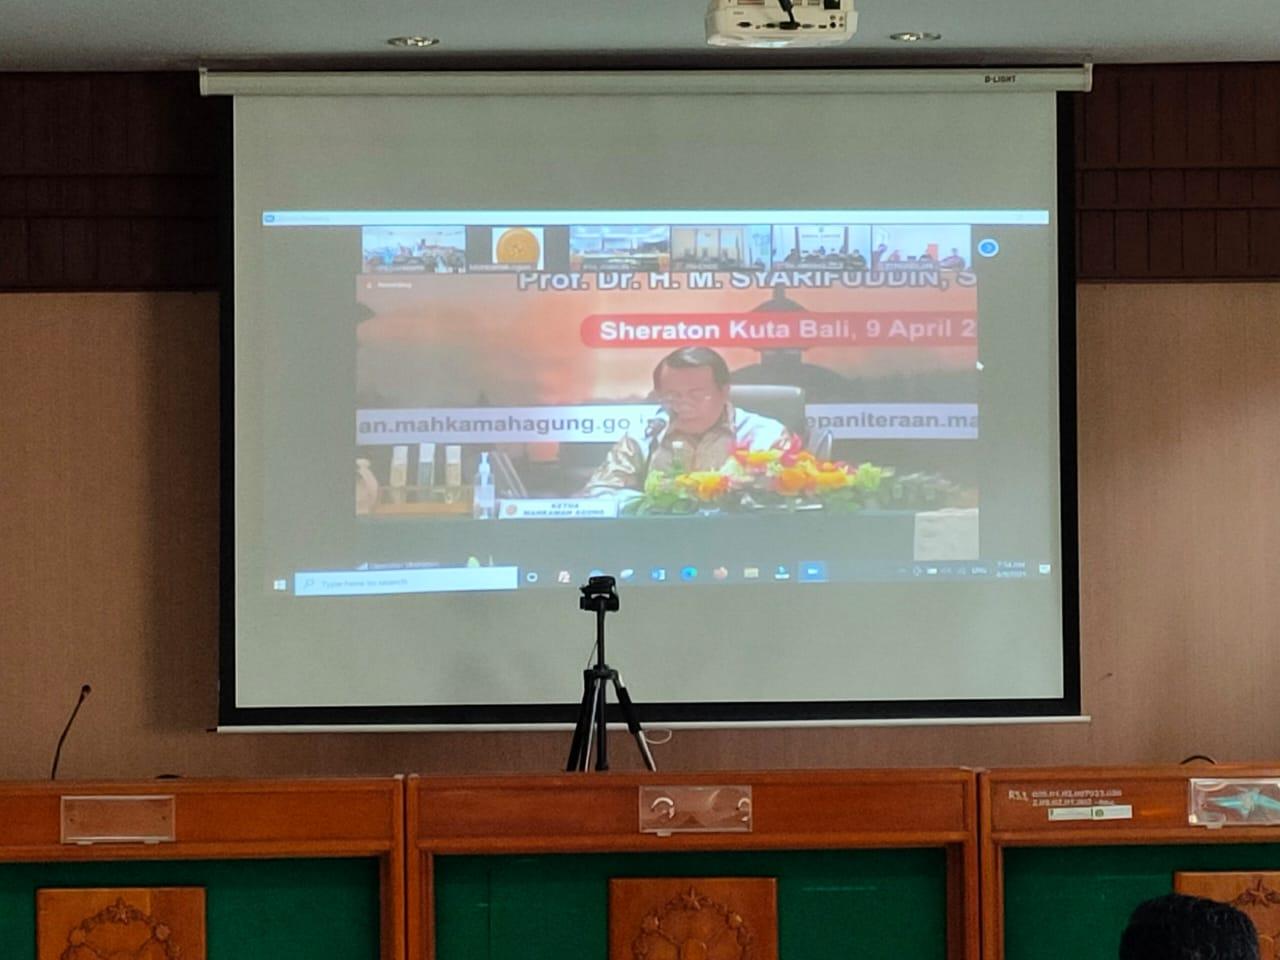 Pembinaan Teknis dan Administrasi Bidang Yudisial oleh Pimpinan Mahkamah Agung Republik Indonesia